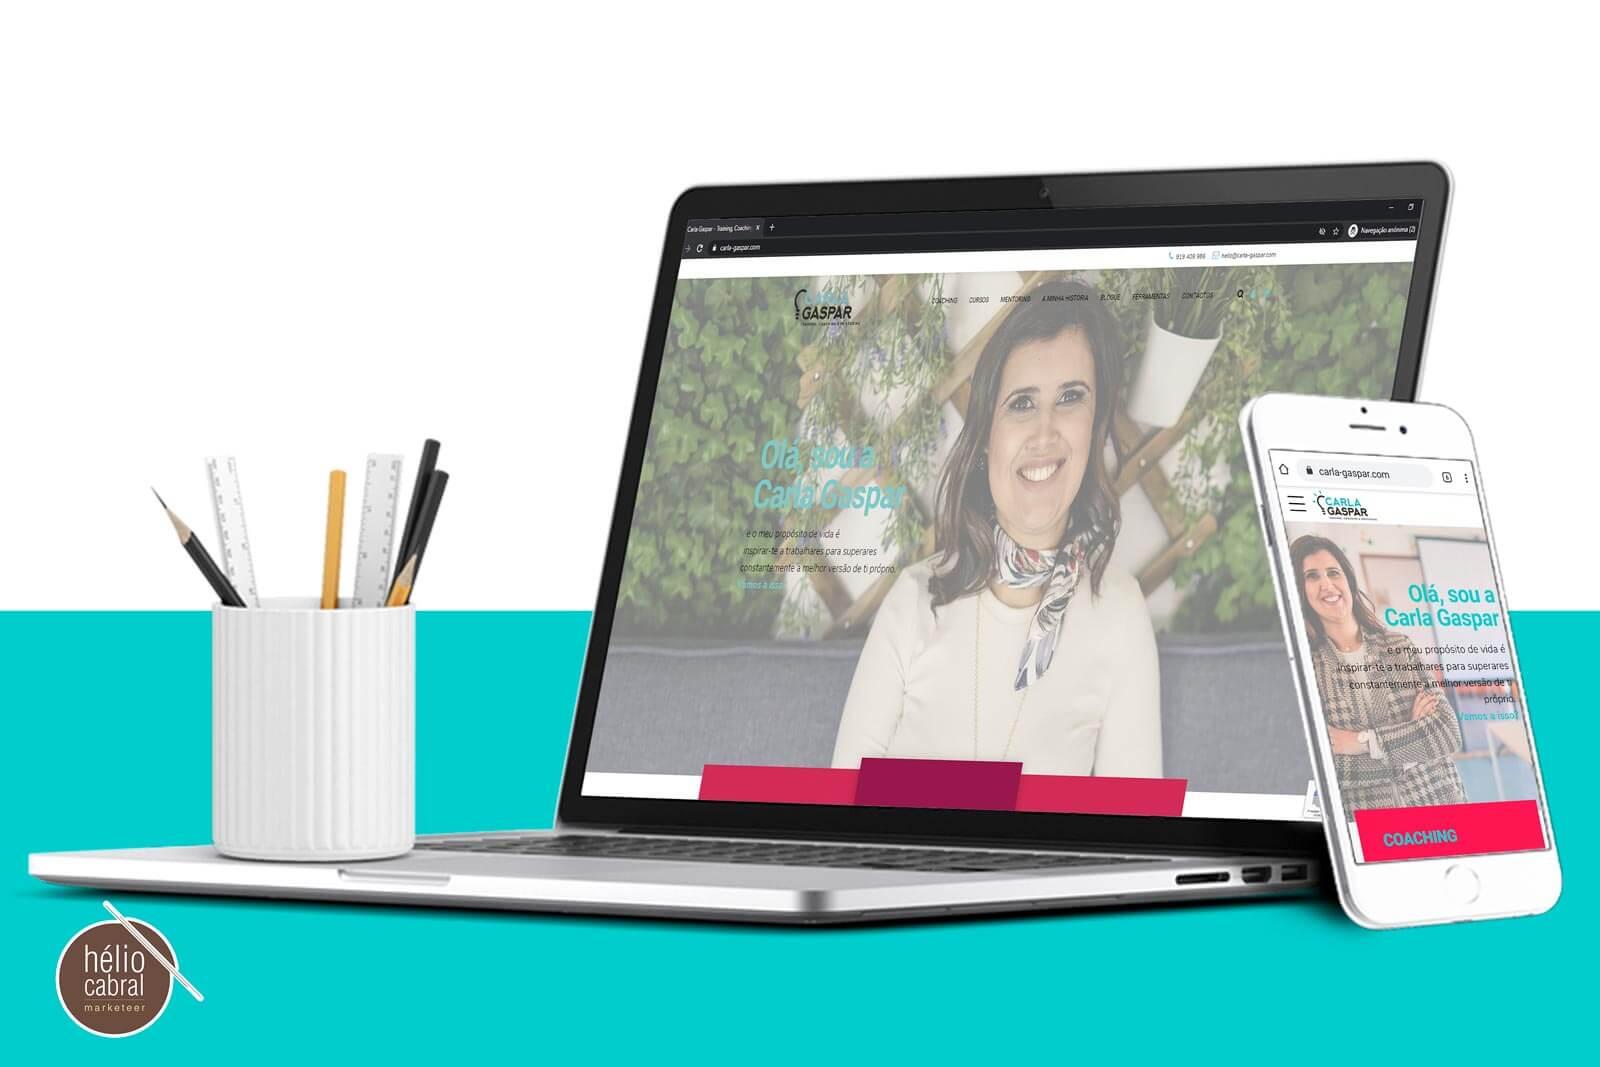 loja-online-cursos-carla-gaspar-hélio-cabral-marketeer